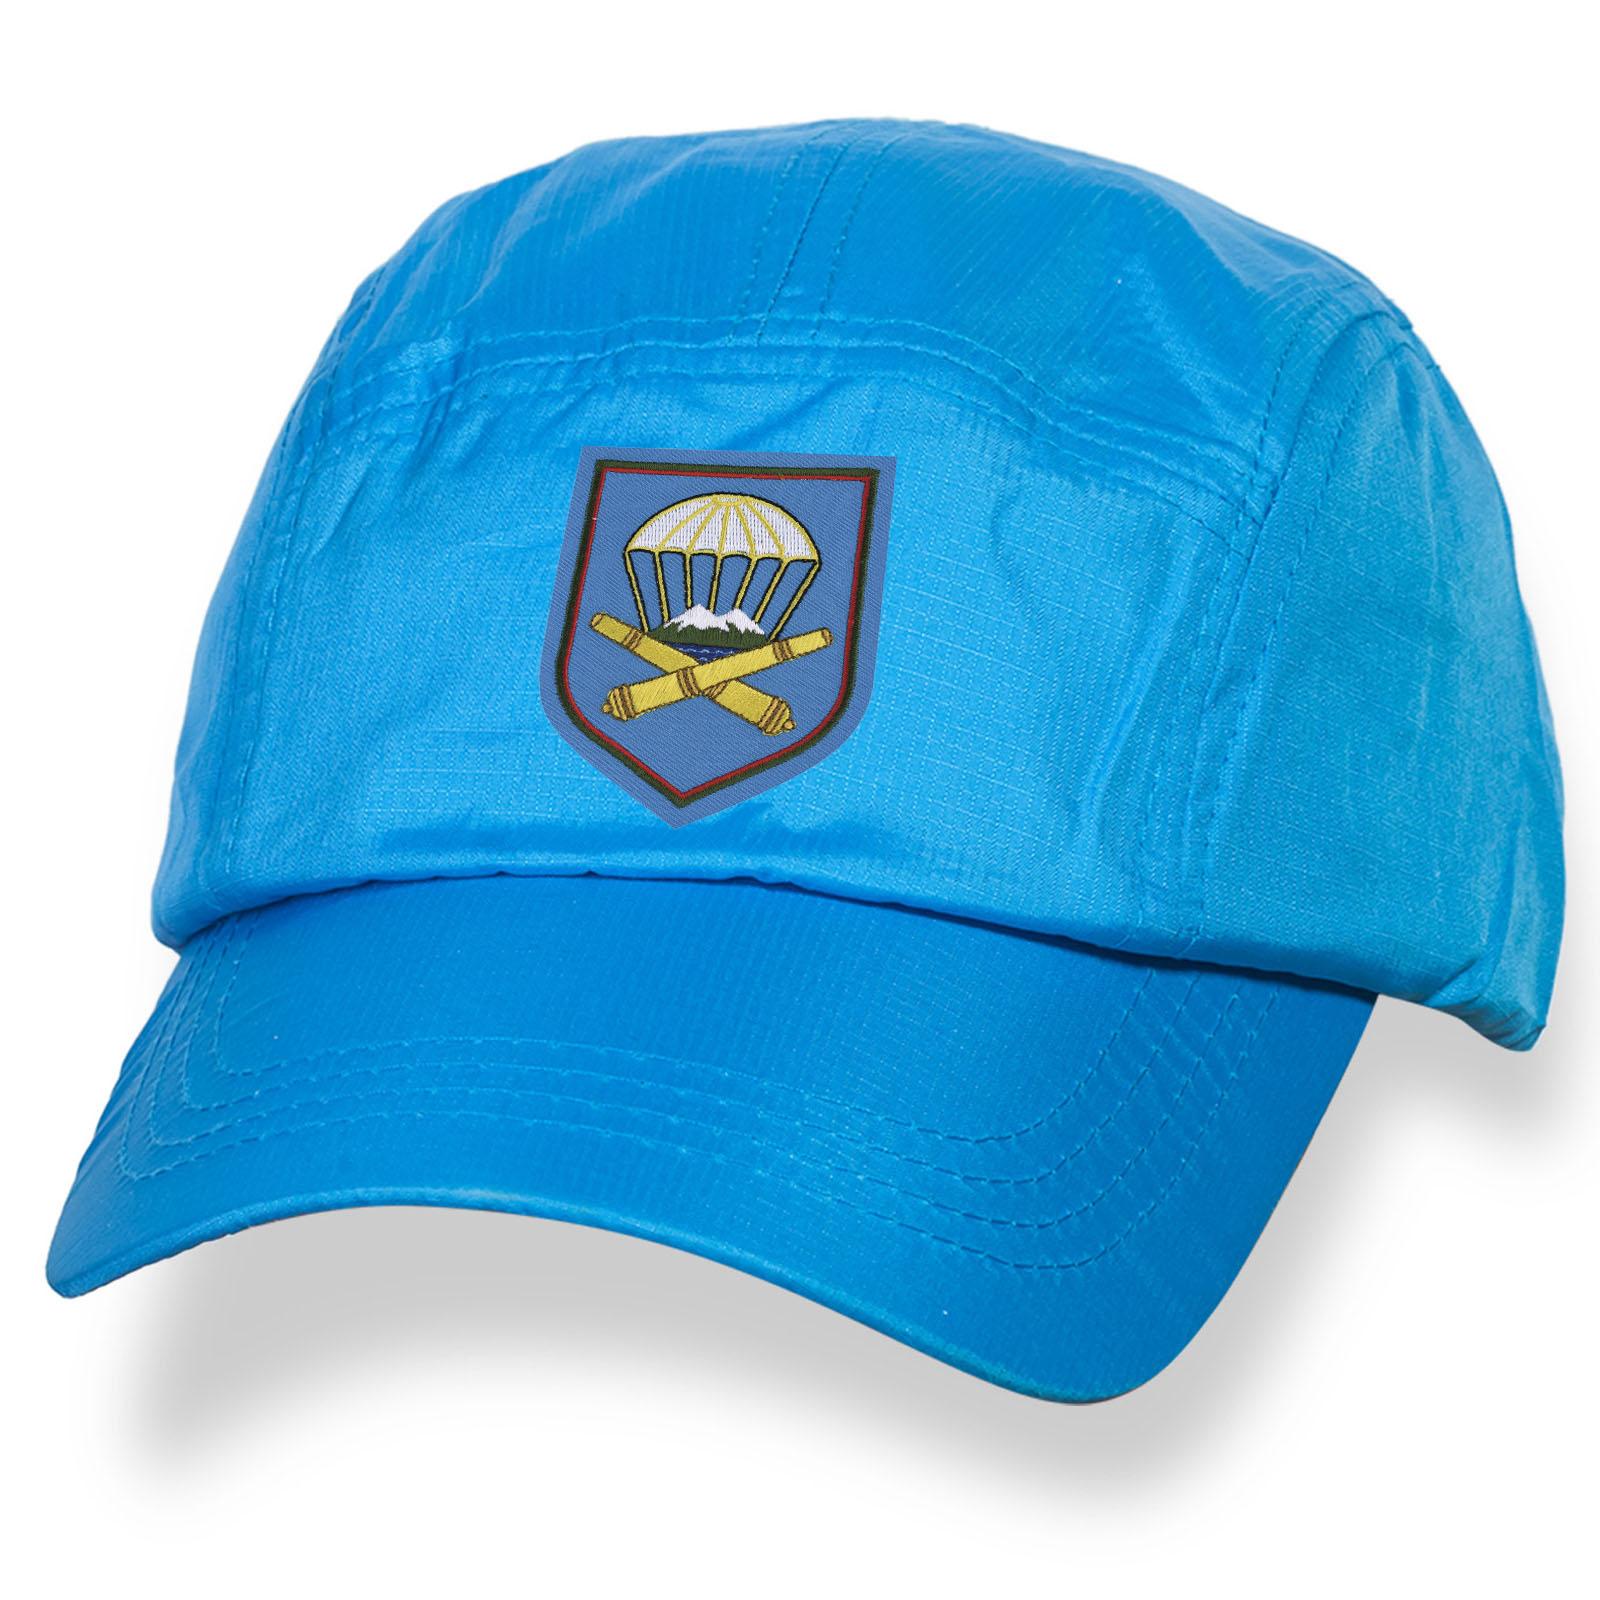 Четкая мужская кепка с нашивкой 1141-й гвардейский артполк ВДВ купить с доставкой